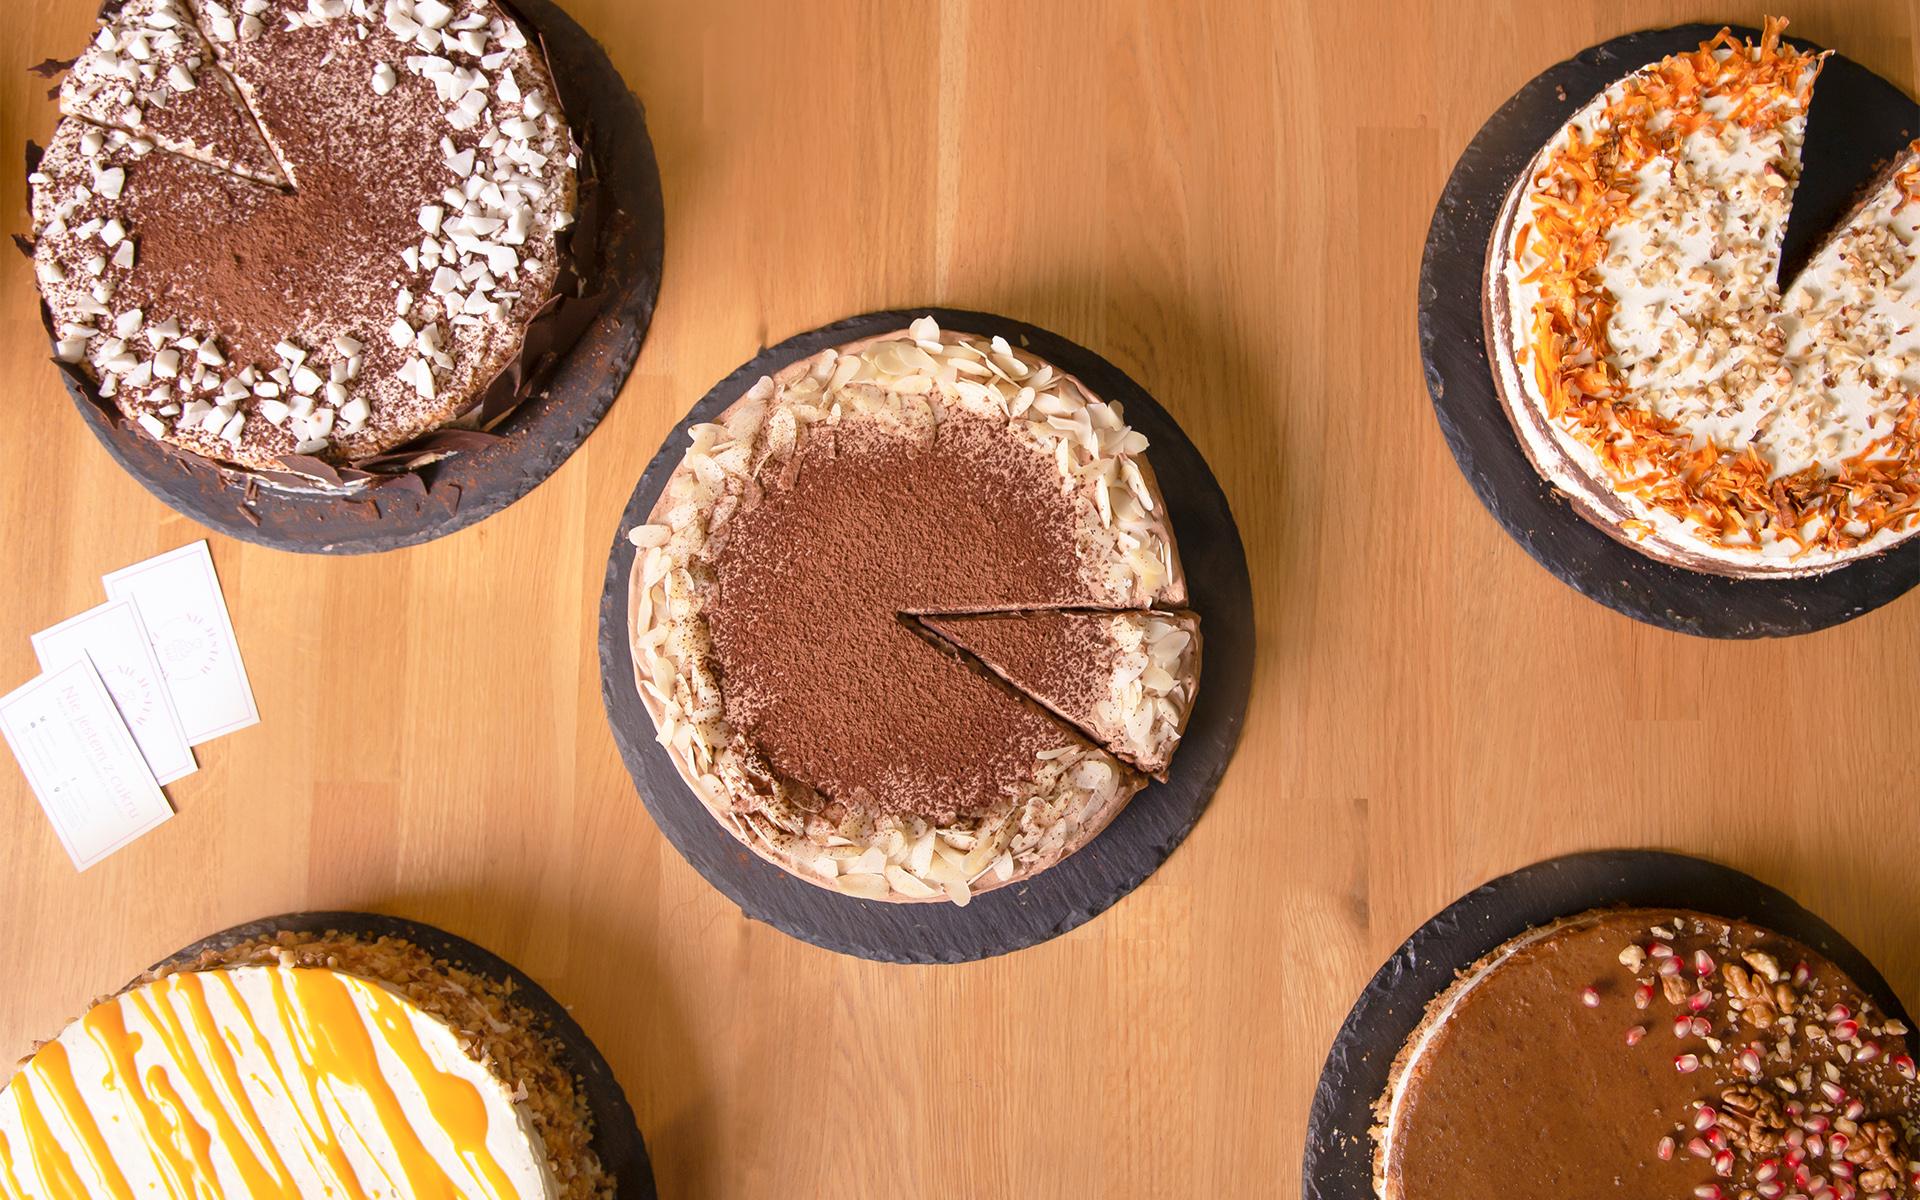 You are currently viewing Jakie ciasto wybrać dla cukrzyka?